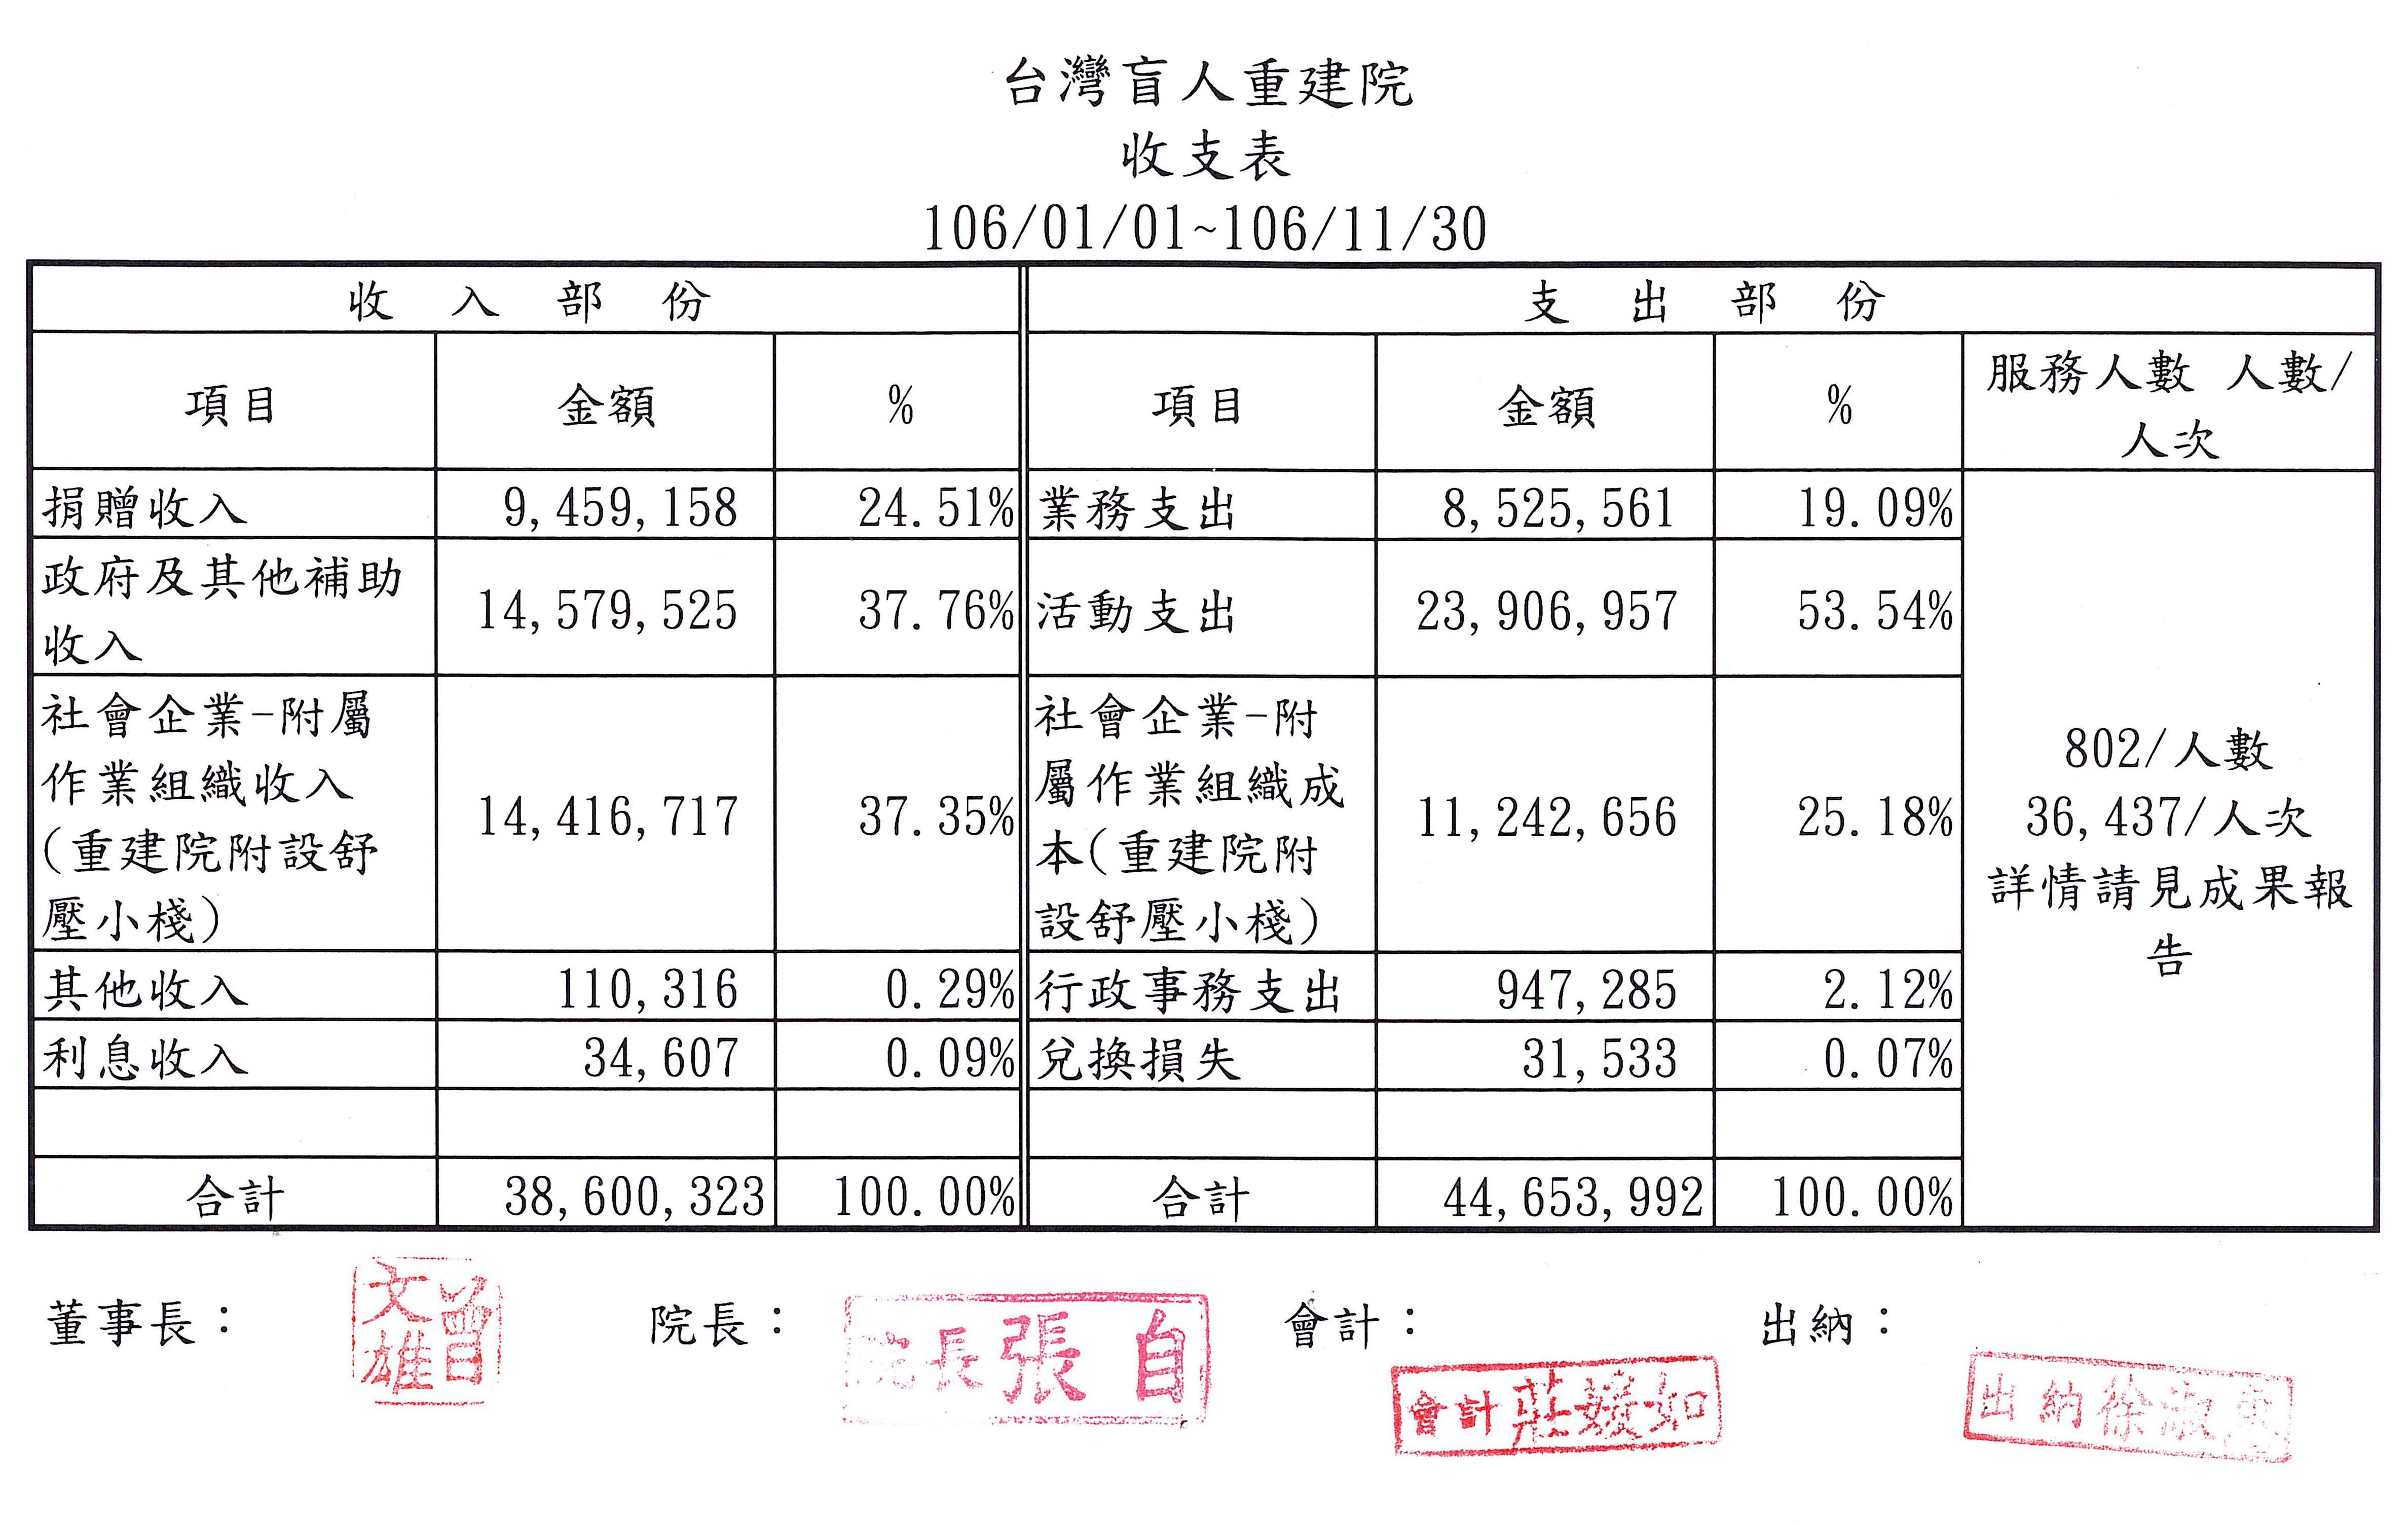 2017年11月收支表